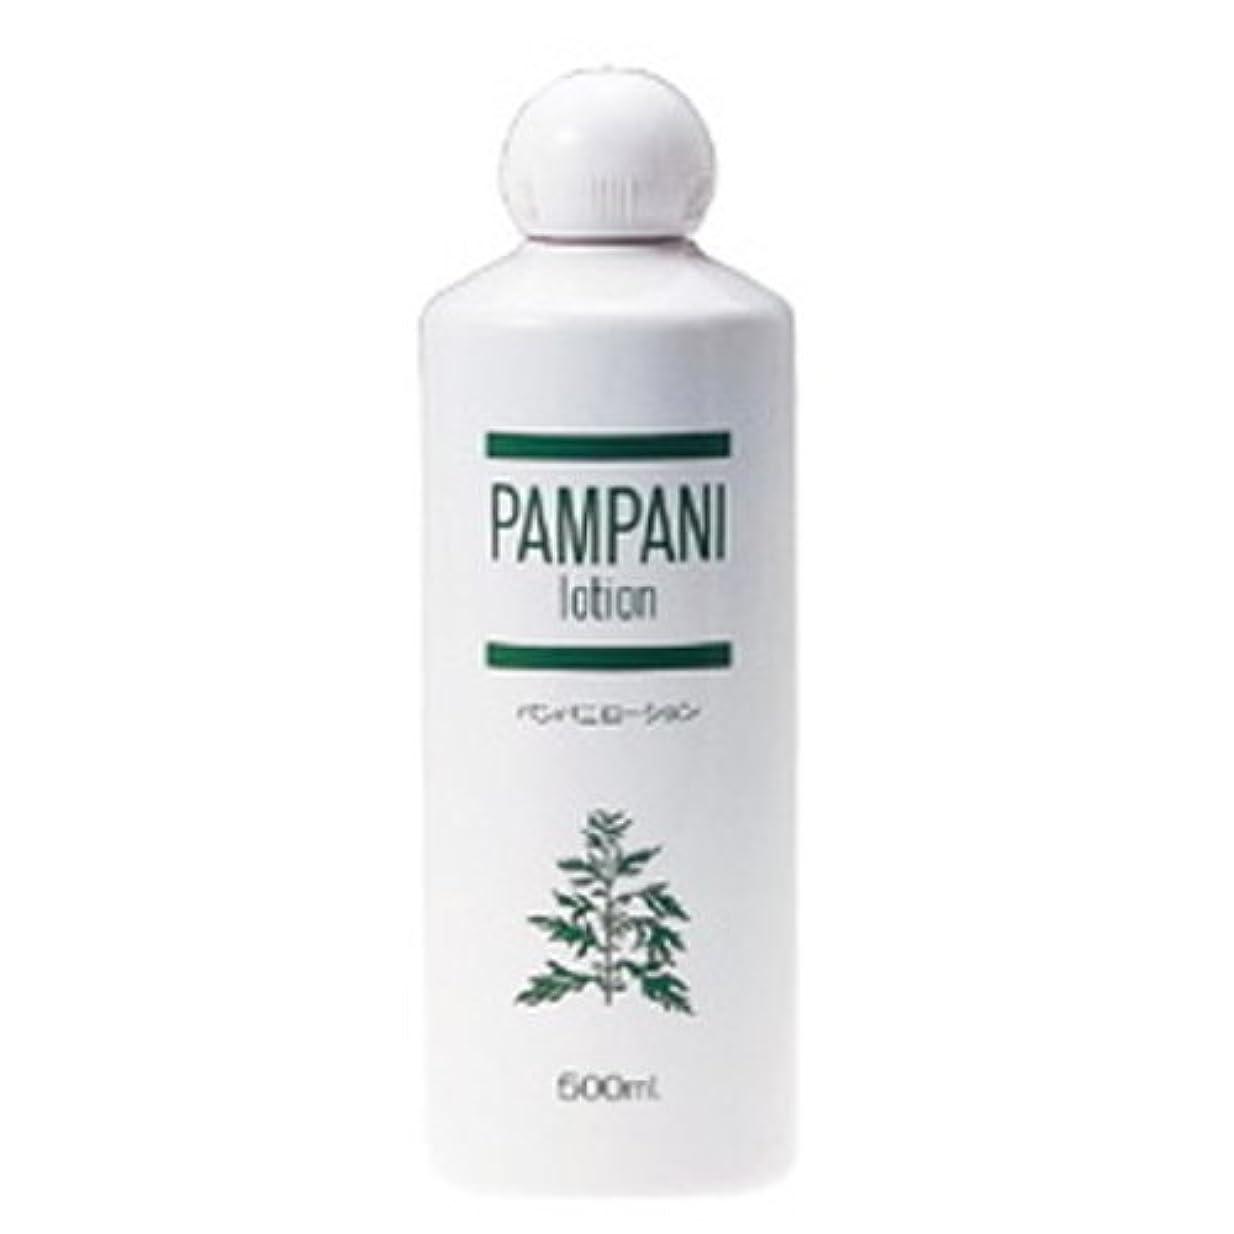 評価可能木材バイオリンパンパニ(PAMPANI) ローション 500ml